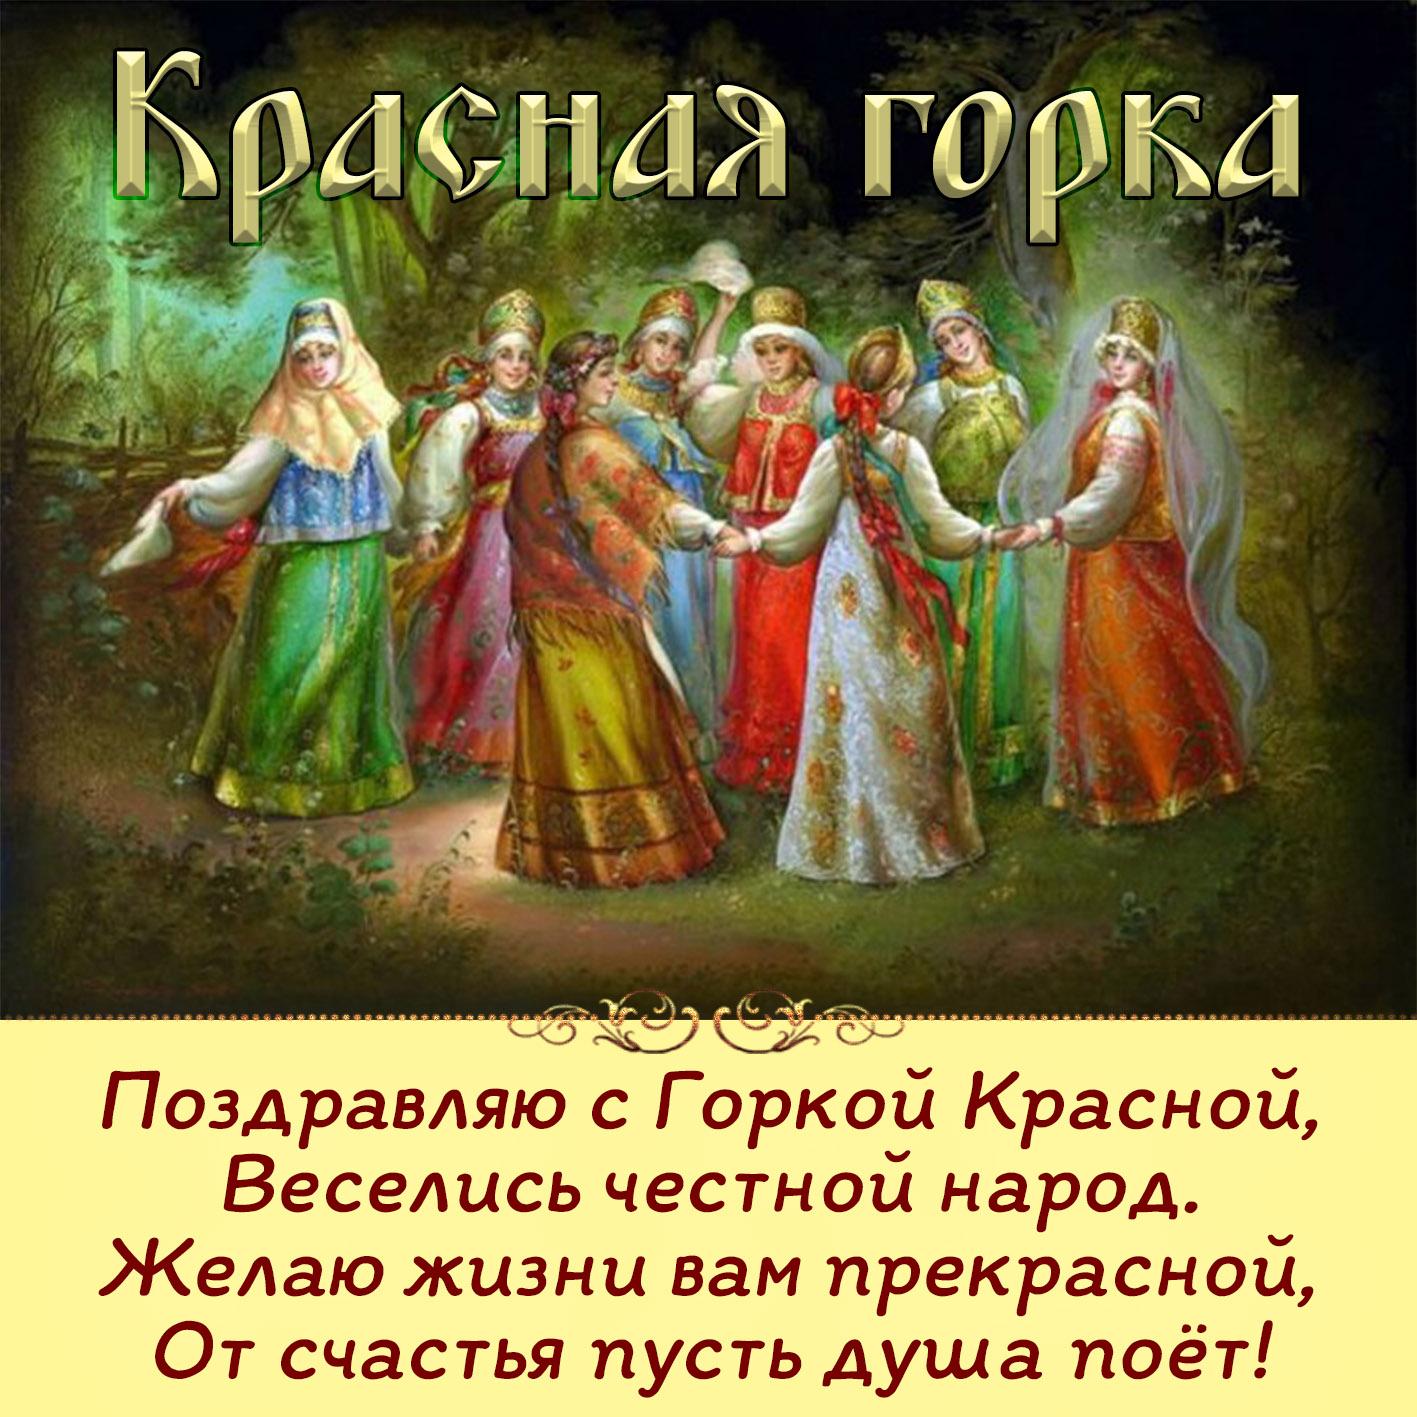 Поздравления в открытках с красной горкой, поздравлением юбилей